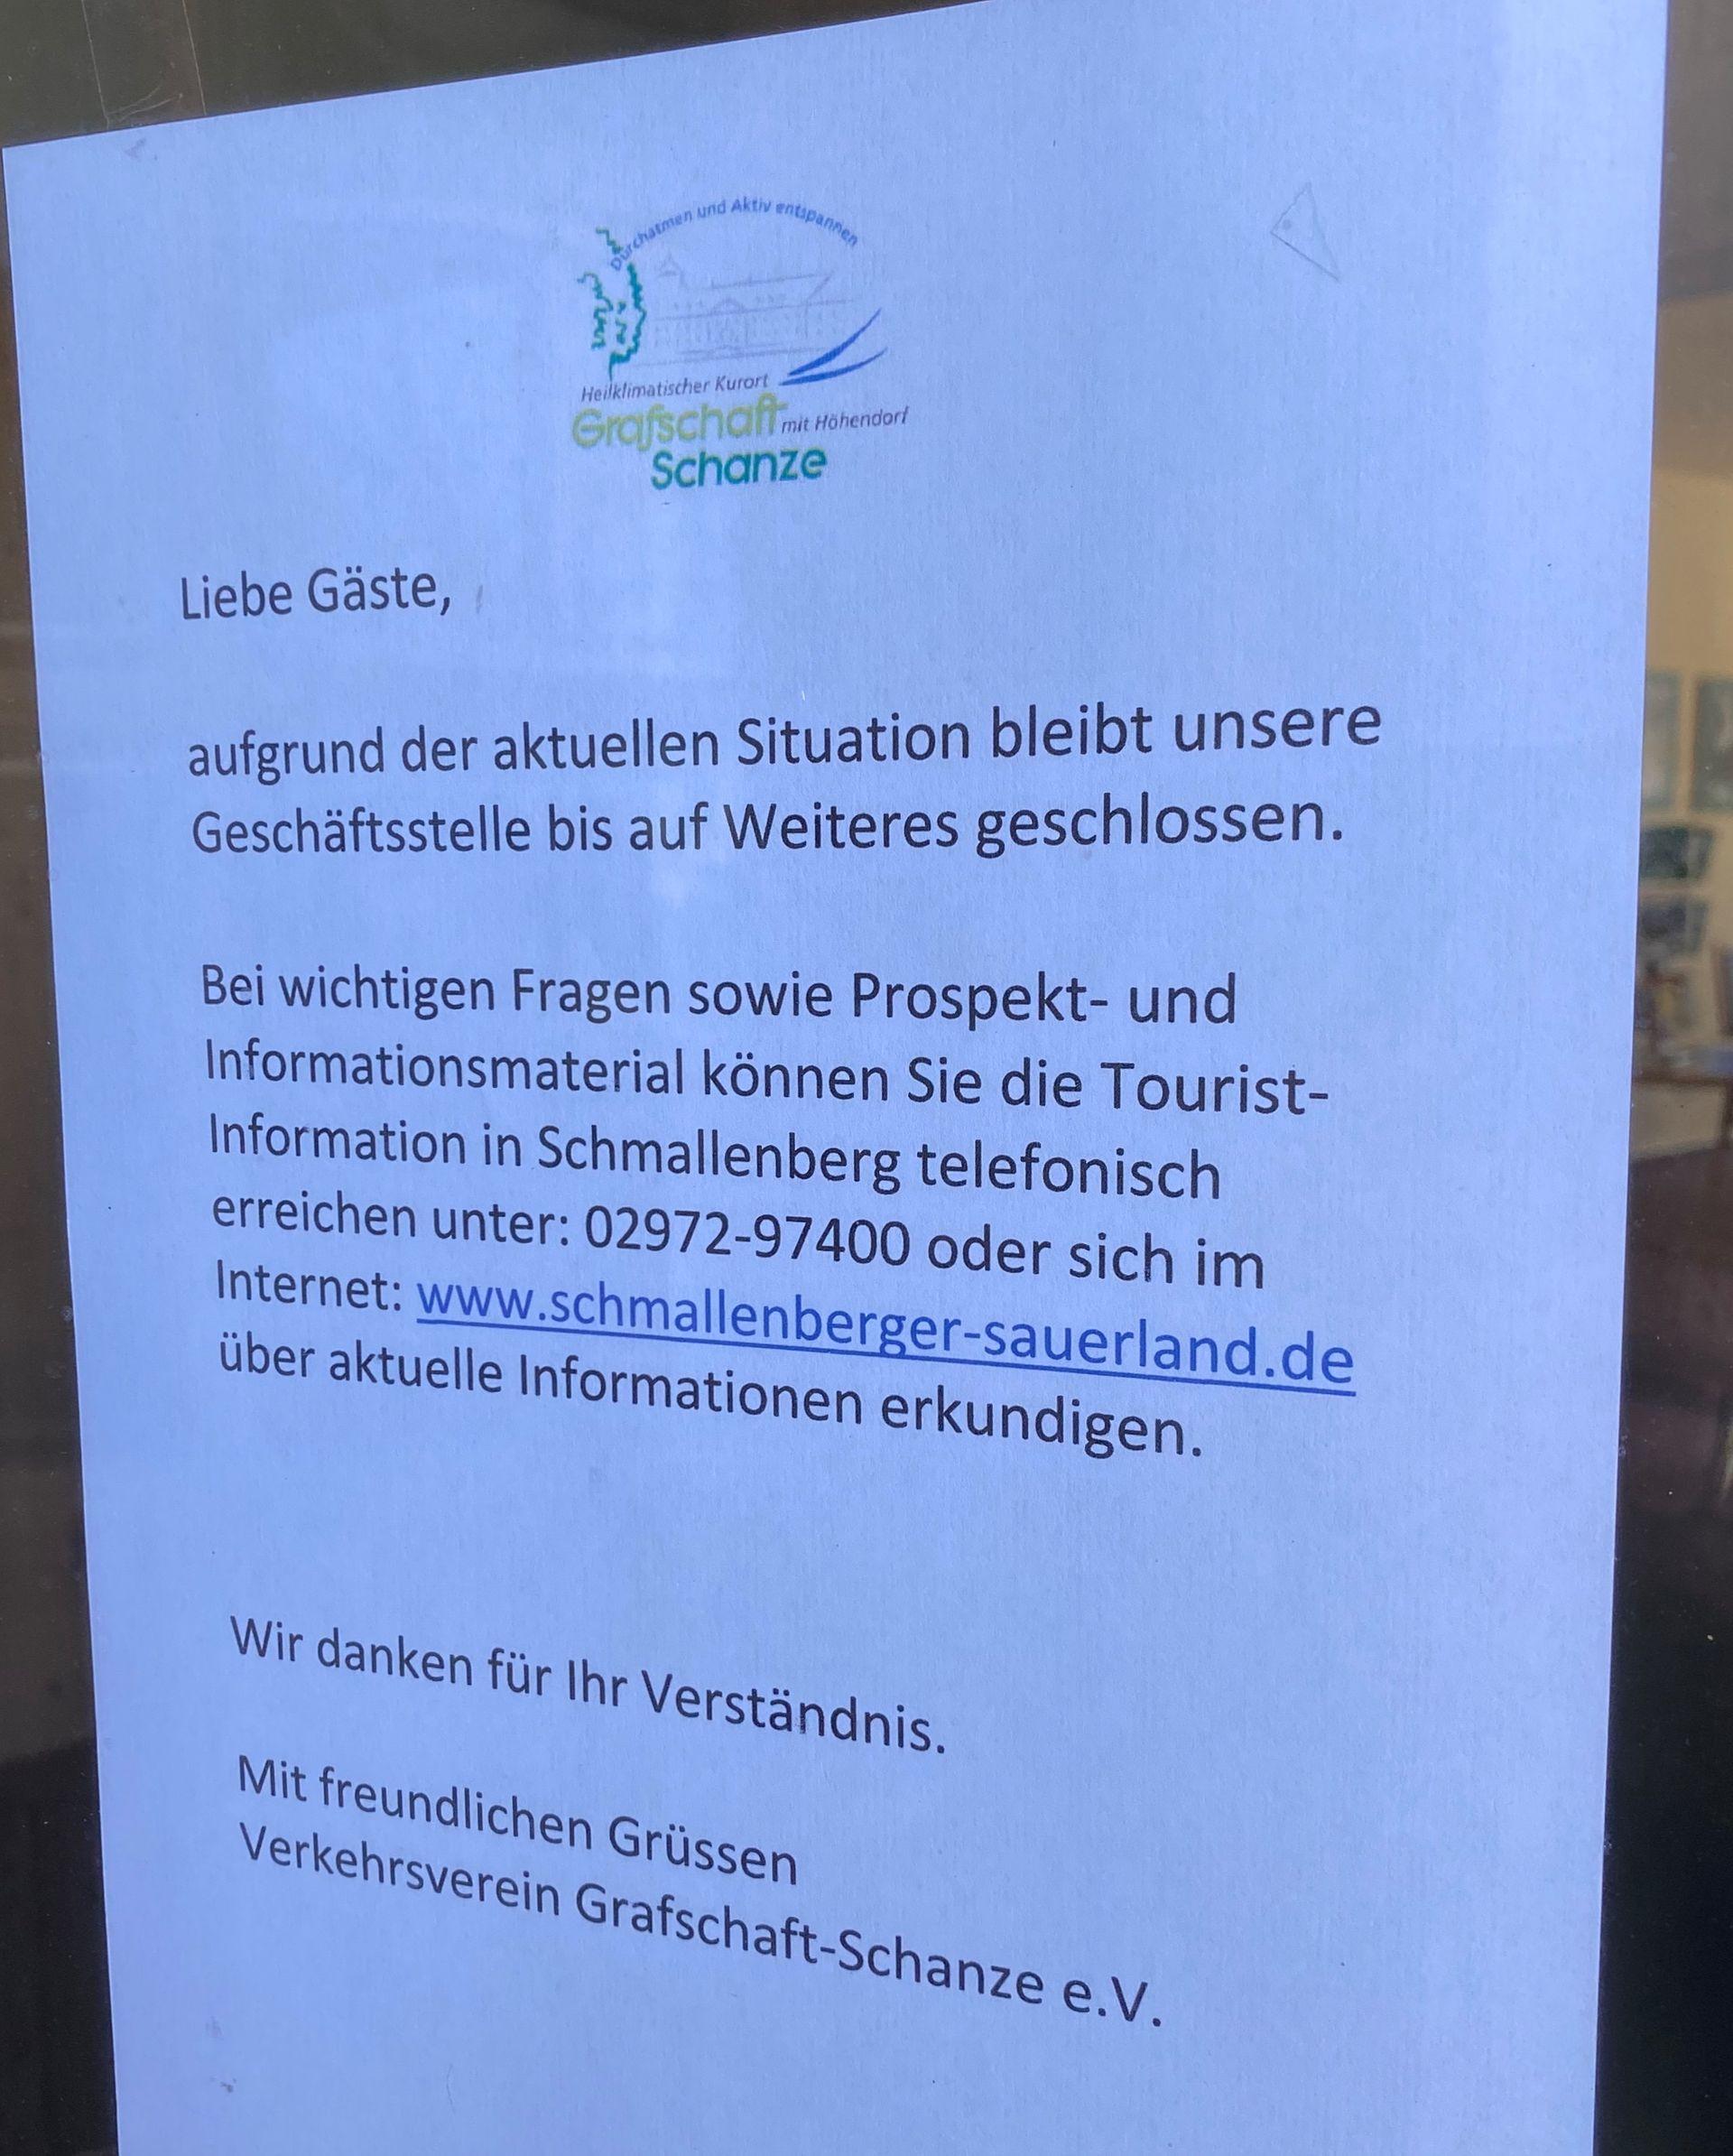 Verkehrsverein Grafschaft/Schanze e. V.